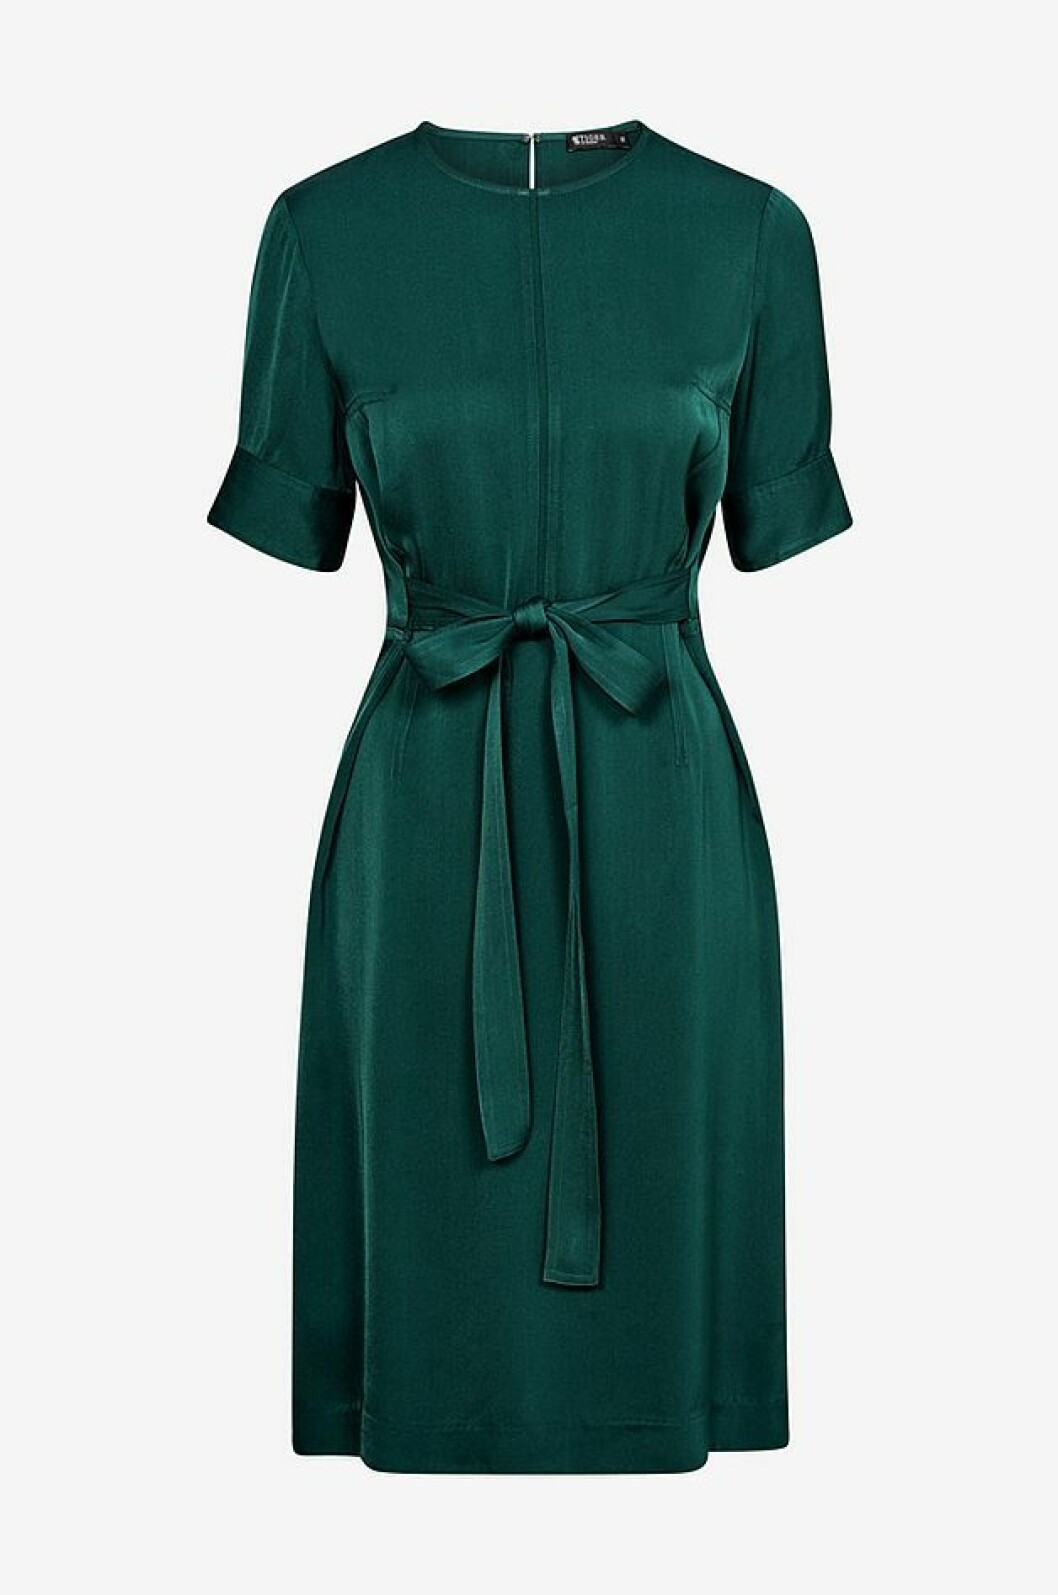 Mörkgrön klänning med knytband